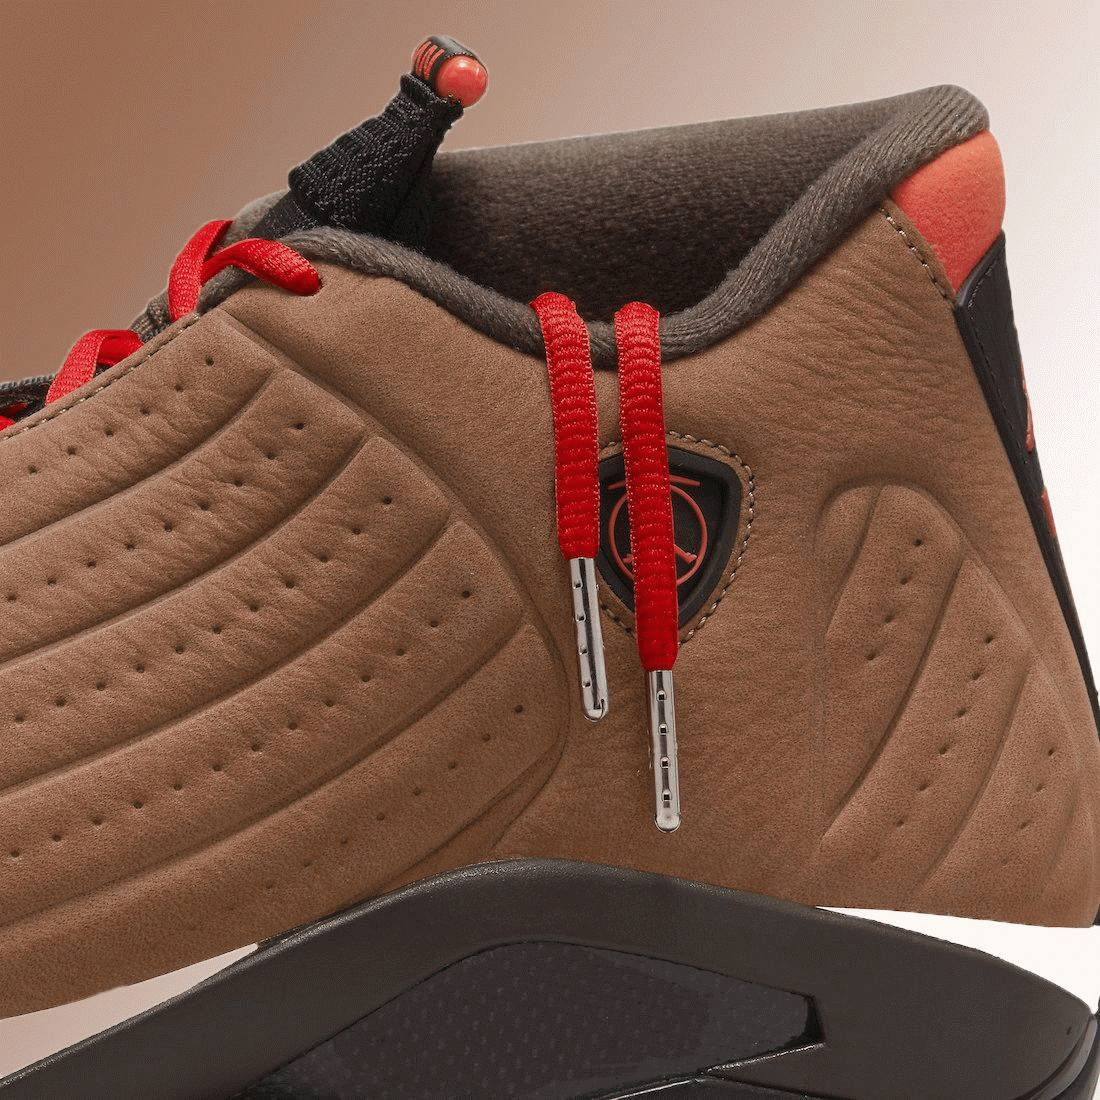 Winterized Air Jordan 14